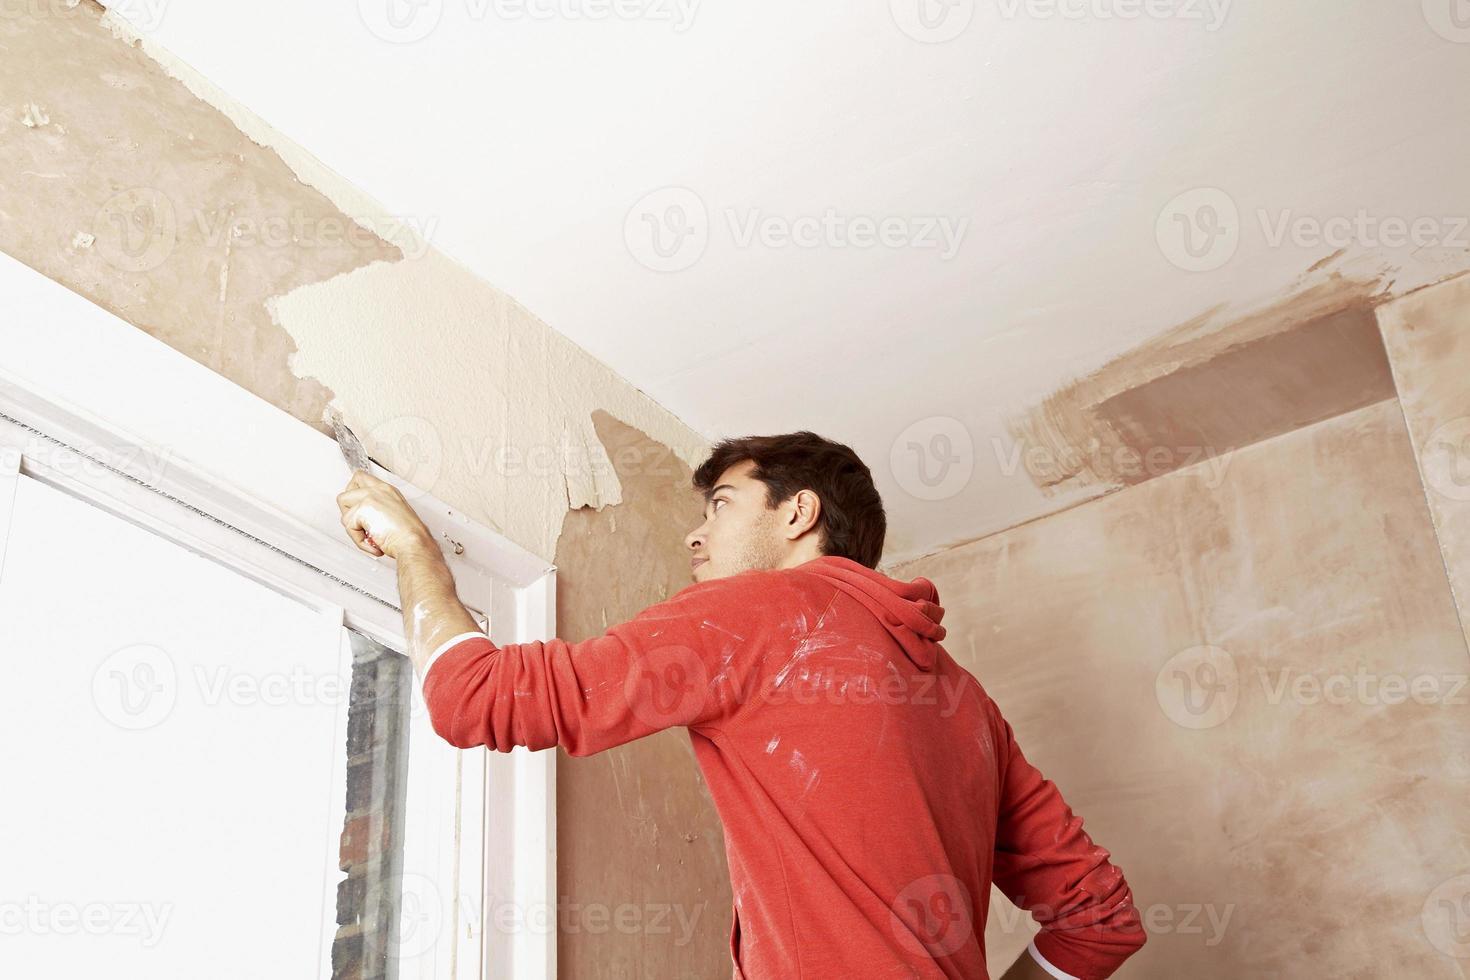 Hombre raspando pintura de la pared en una habitación no renovada foto